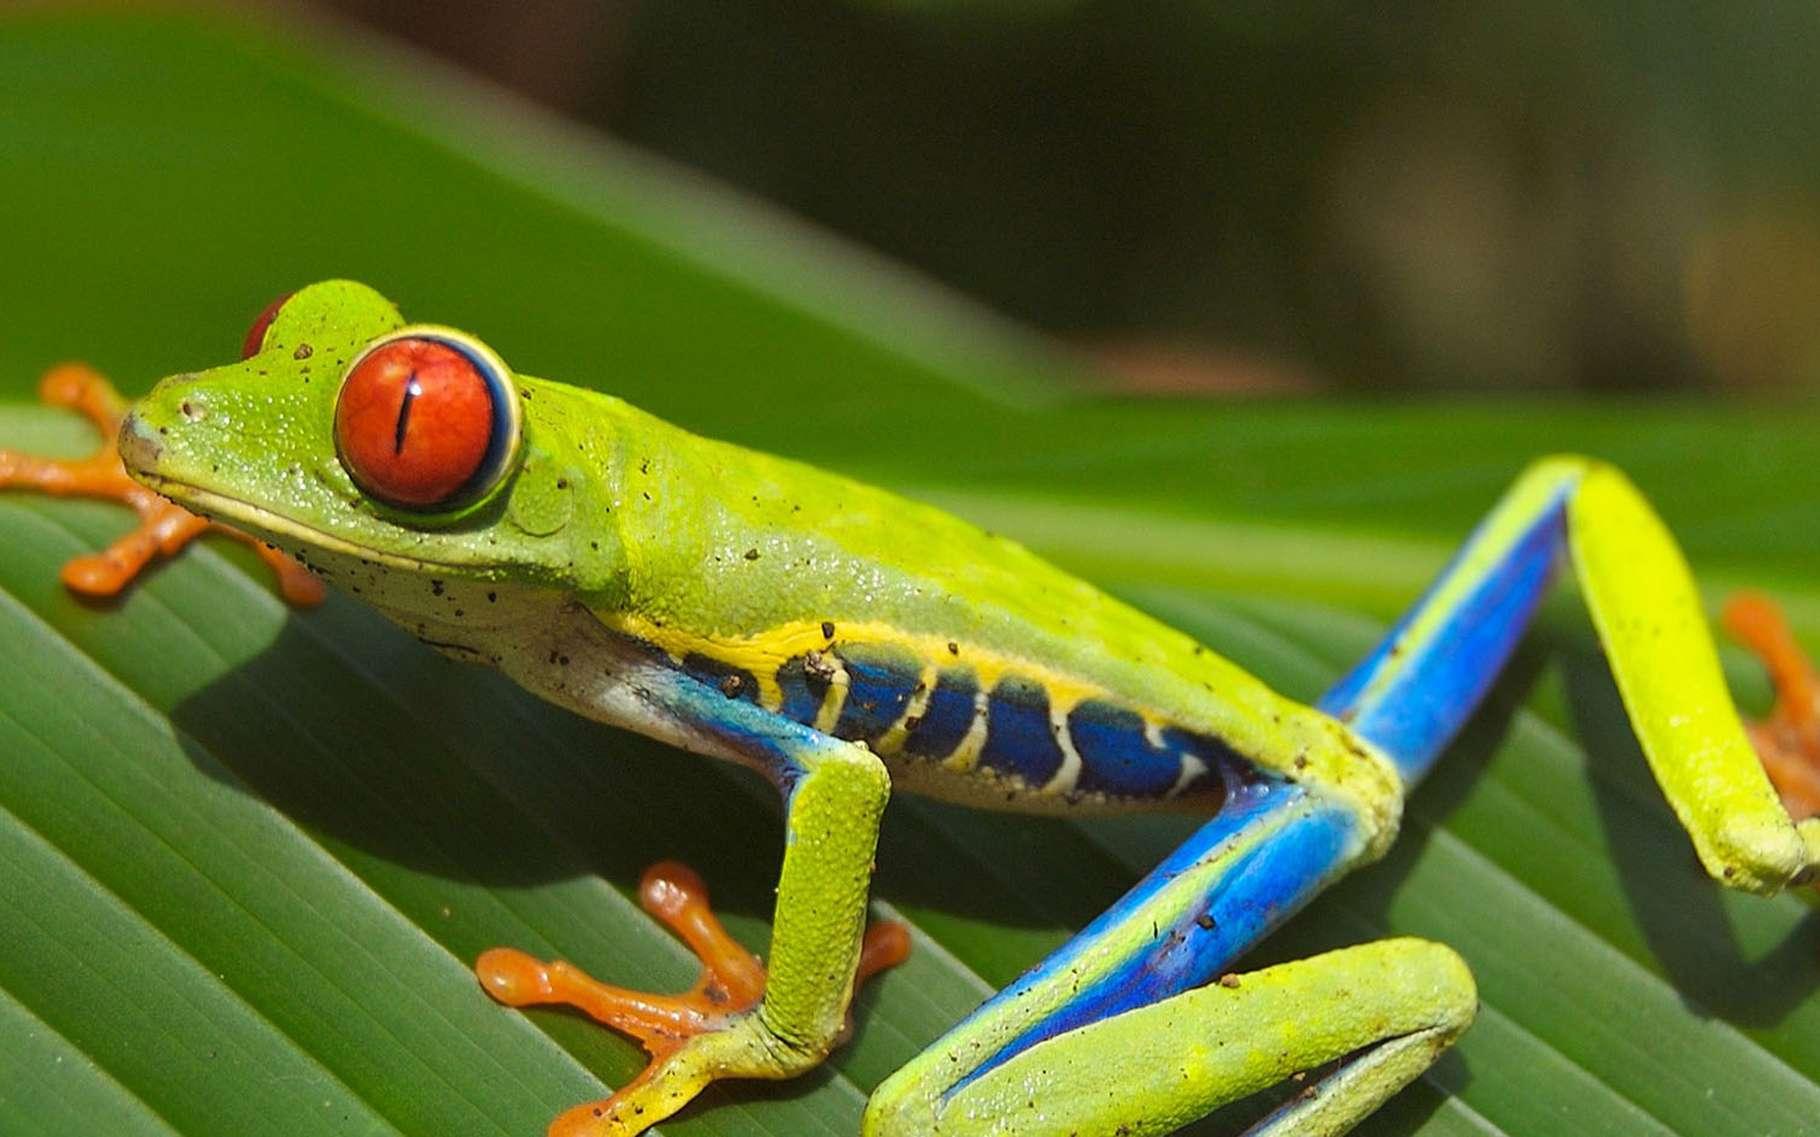 Agalychnis callidryas est plus connu sous le nom de rainette aux yeux rouges. Et à la voir en photo, on comprend tout de suite pourquoi. Même si son corps est parfois vert feuille, comme ici, et d'autres fois vert foncé, ses yeux sont toujours rouges, globuleux et avec une pupille verticale. Ils lui serviraient à se protéger des prédateurs. Au repos, ils sont en effet cachés par des paupières closes. Et peuvent effrayer les indésirables lorsque la grenouille ouvre subitement ses yeux.Mais les prédateurs de Agalychnis callidryas restent assez nombreux, malgré la présence également de substances toxiques sur sa peau. On la trouve surtout sur la côte de la mer des Caraïbes où elle peuple les forêts tropicales humides. © TpsDave, Pixabay, DP